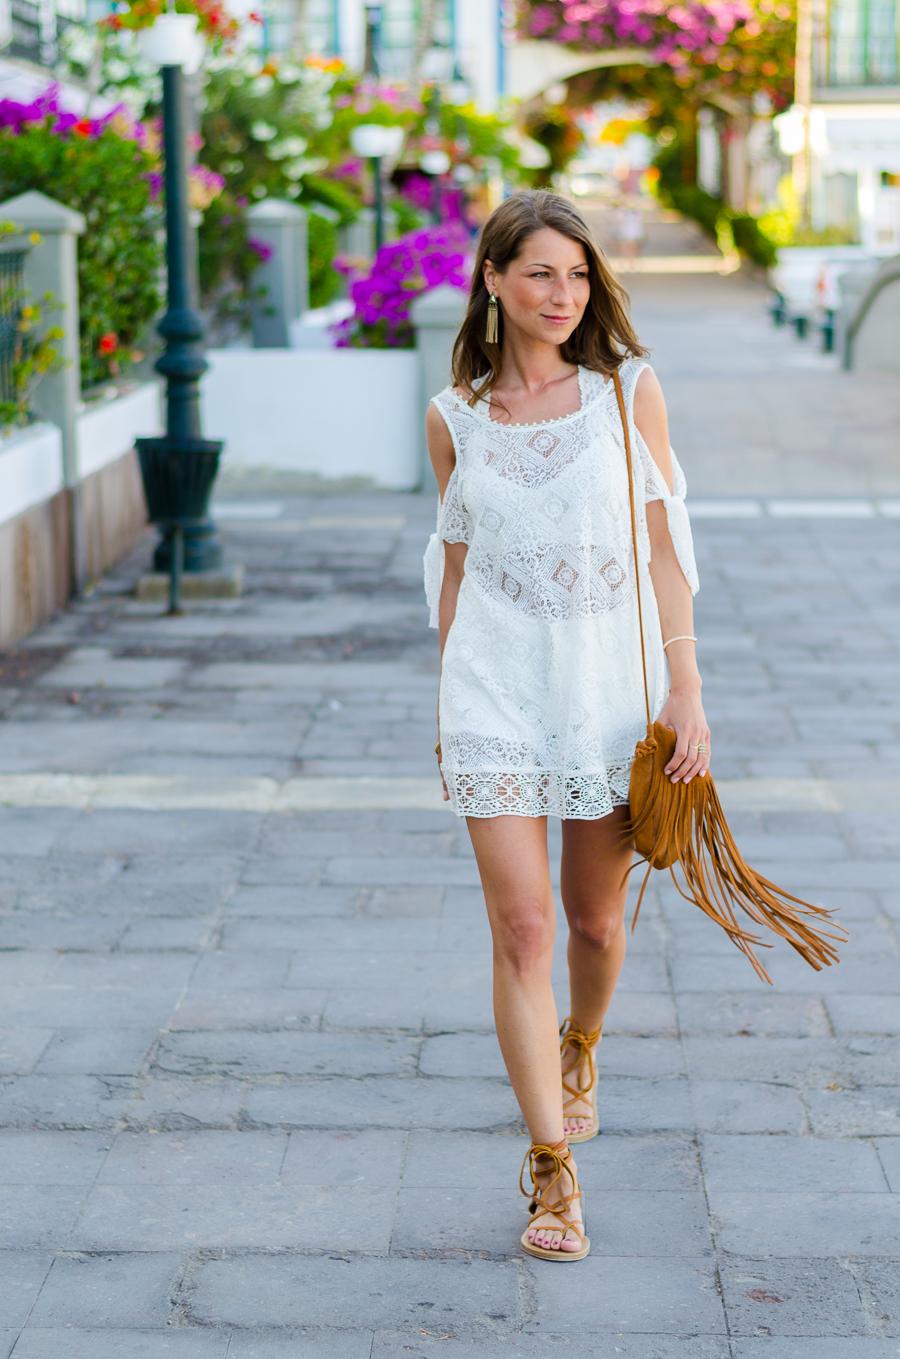 Outfit Boho Spitzenkleid von Free People Isabel Marant Sandalen und Fransentasche 14